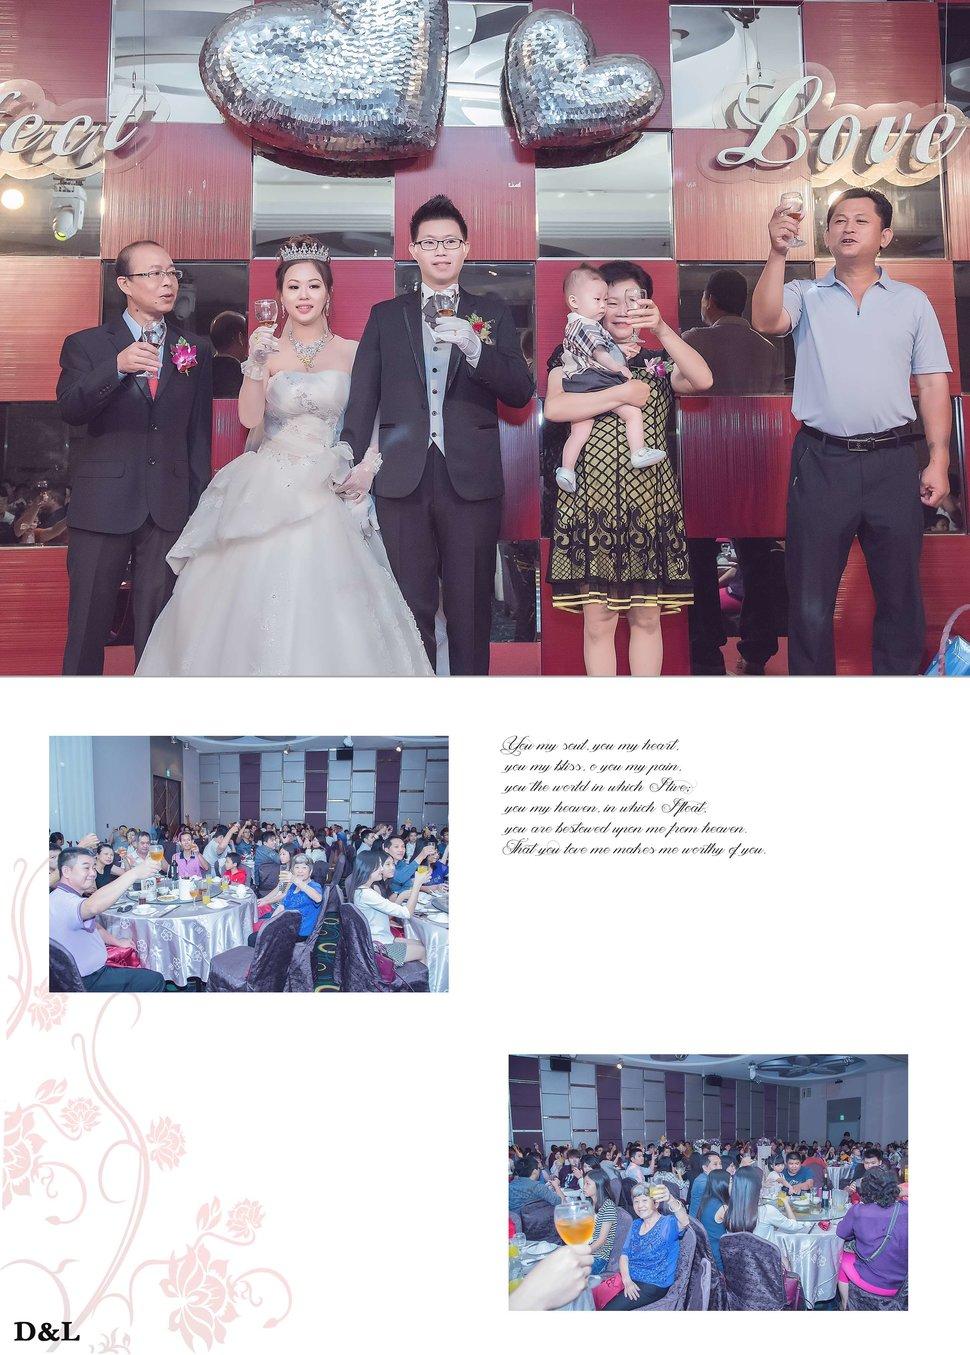 台中婚攝 婚禮紀錄 顥天&美彣 菊園婚宴會館(編號:253191) - D&L 婚禮事務-婚紗攝影/婚禮記錄 - 結婚吧